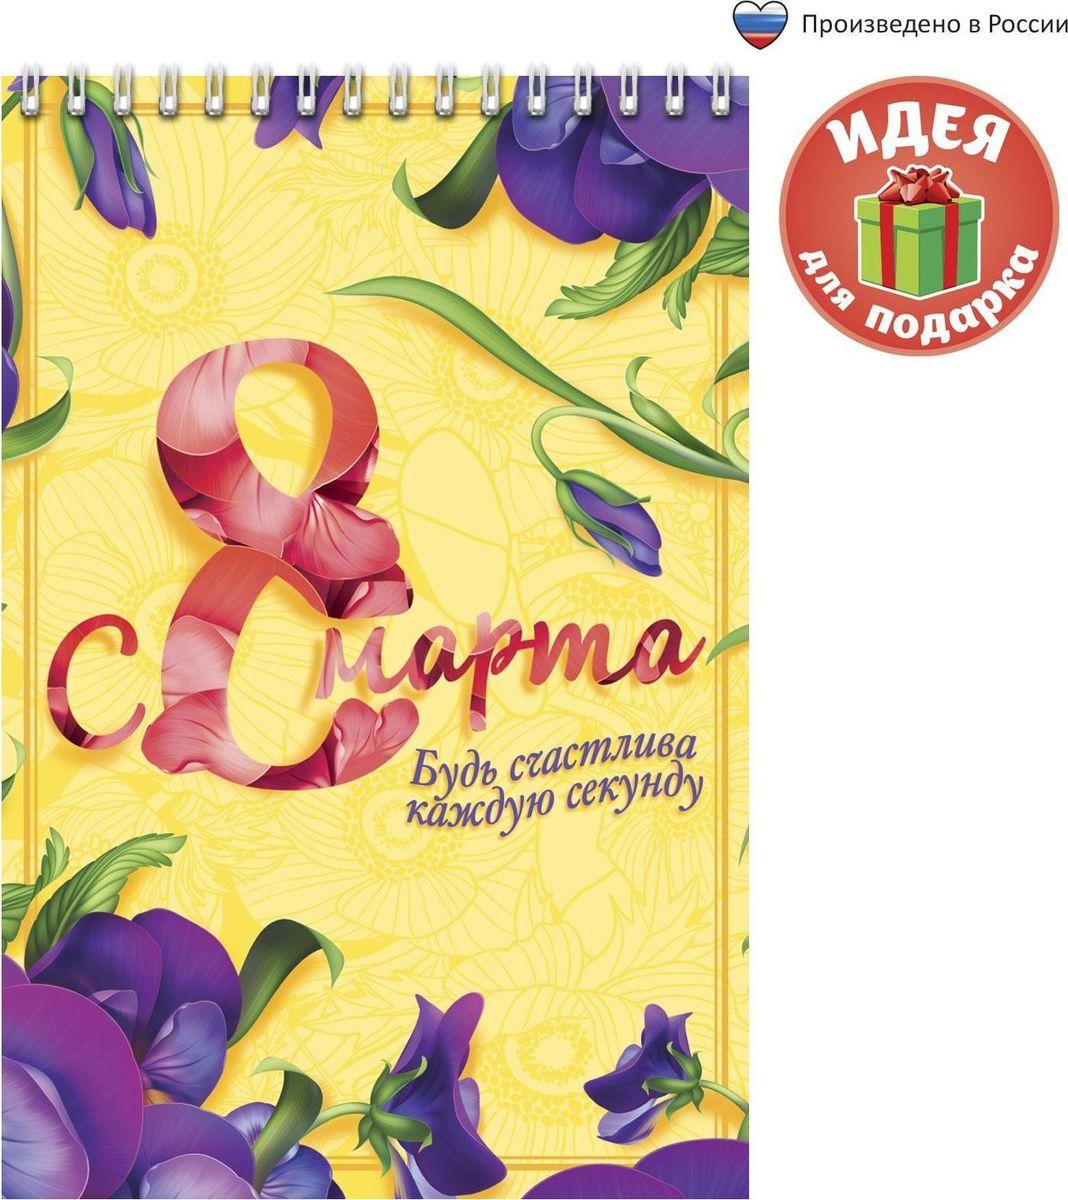 Блокнот С 8 марта 40 листов блокнот хороший день начинается с малого а5